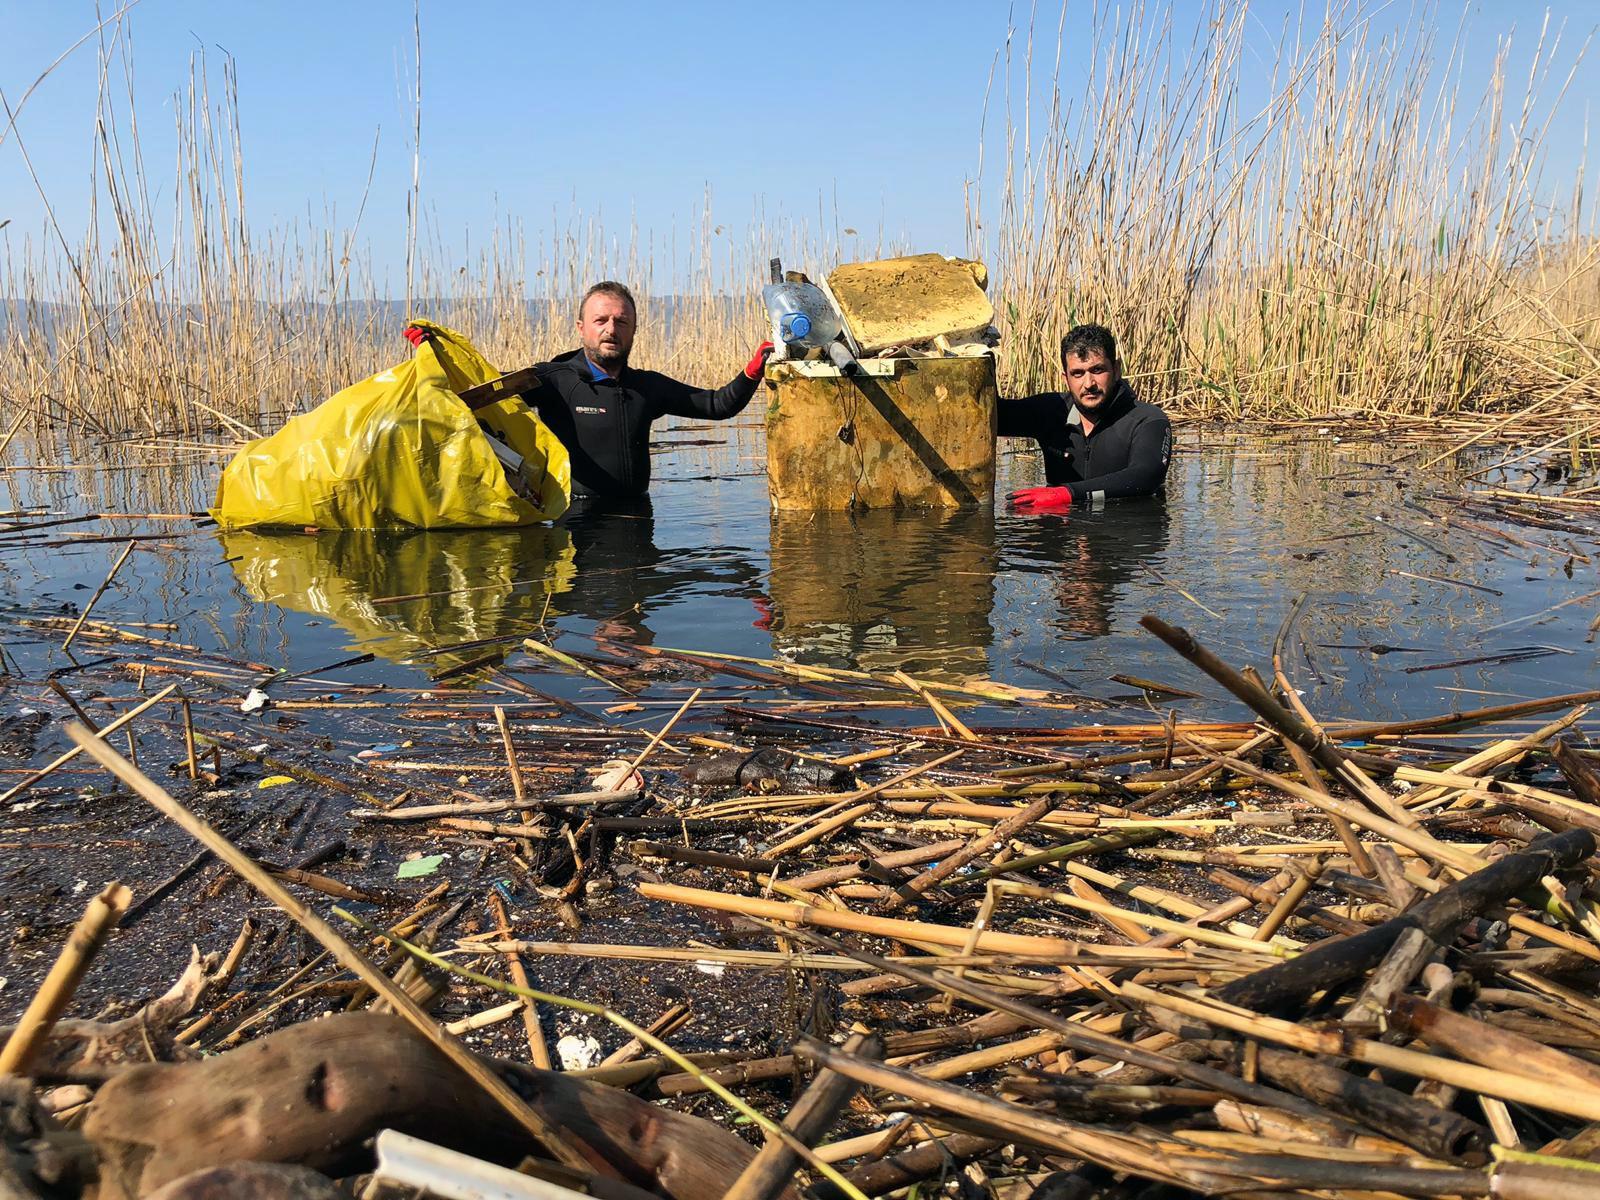 Gölümüzün kirlenmesine izin vermeyelim